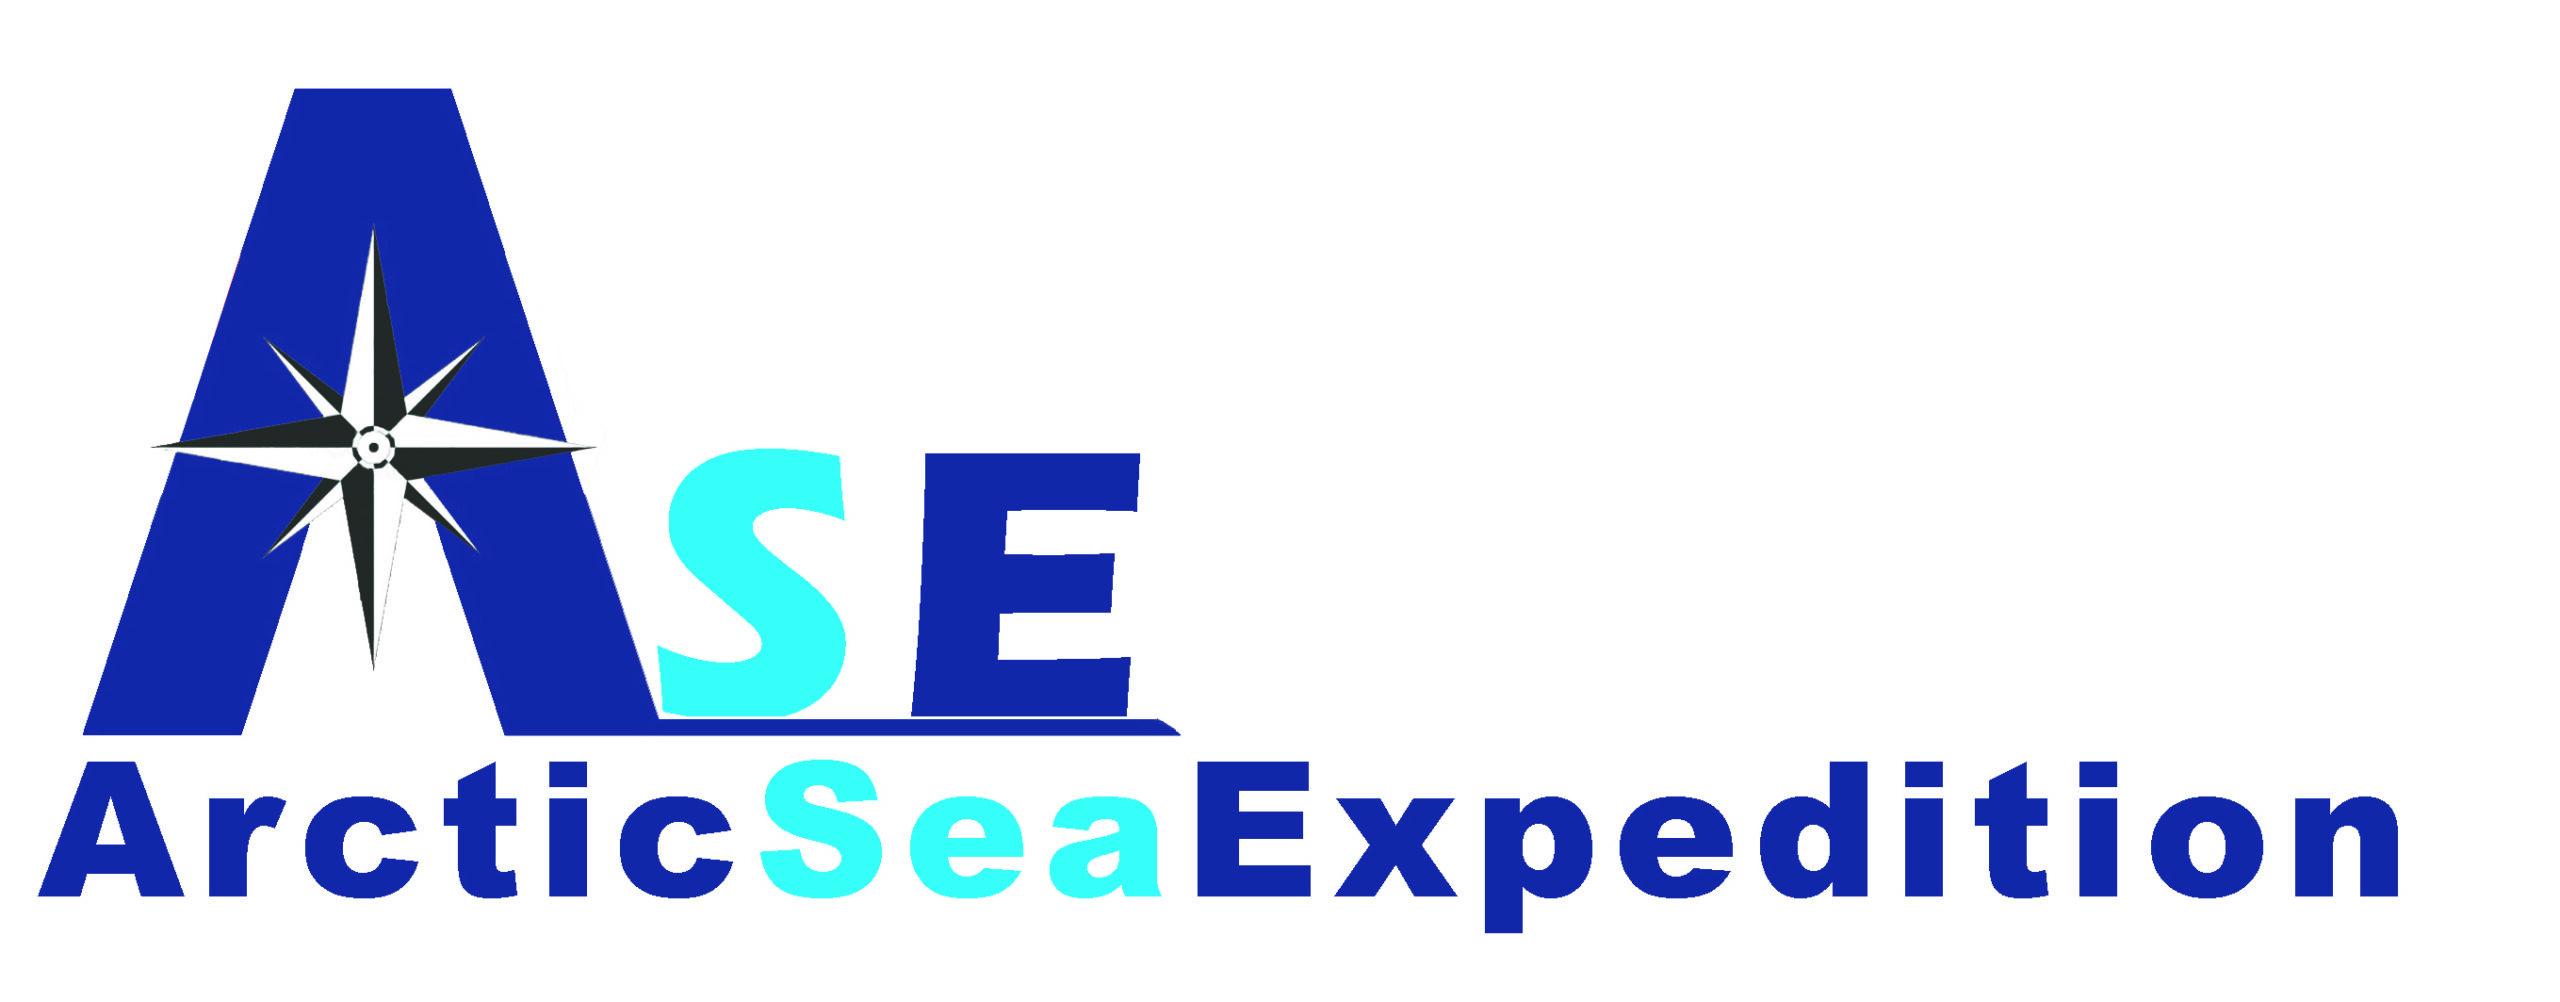 ArcticSeaExpedition